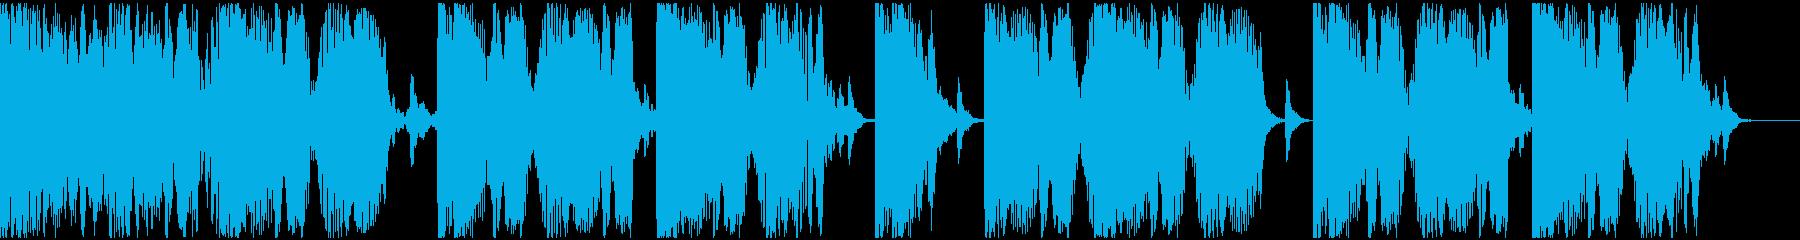 【EDM】ロング9、ショート2の再生済みの波形